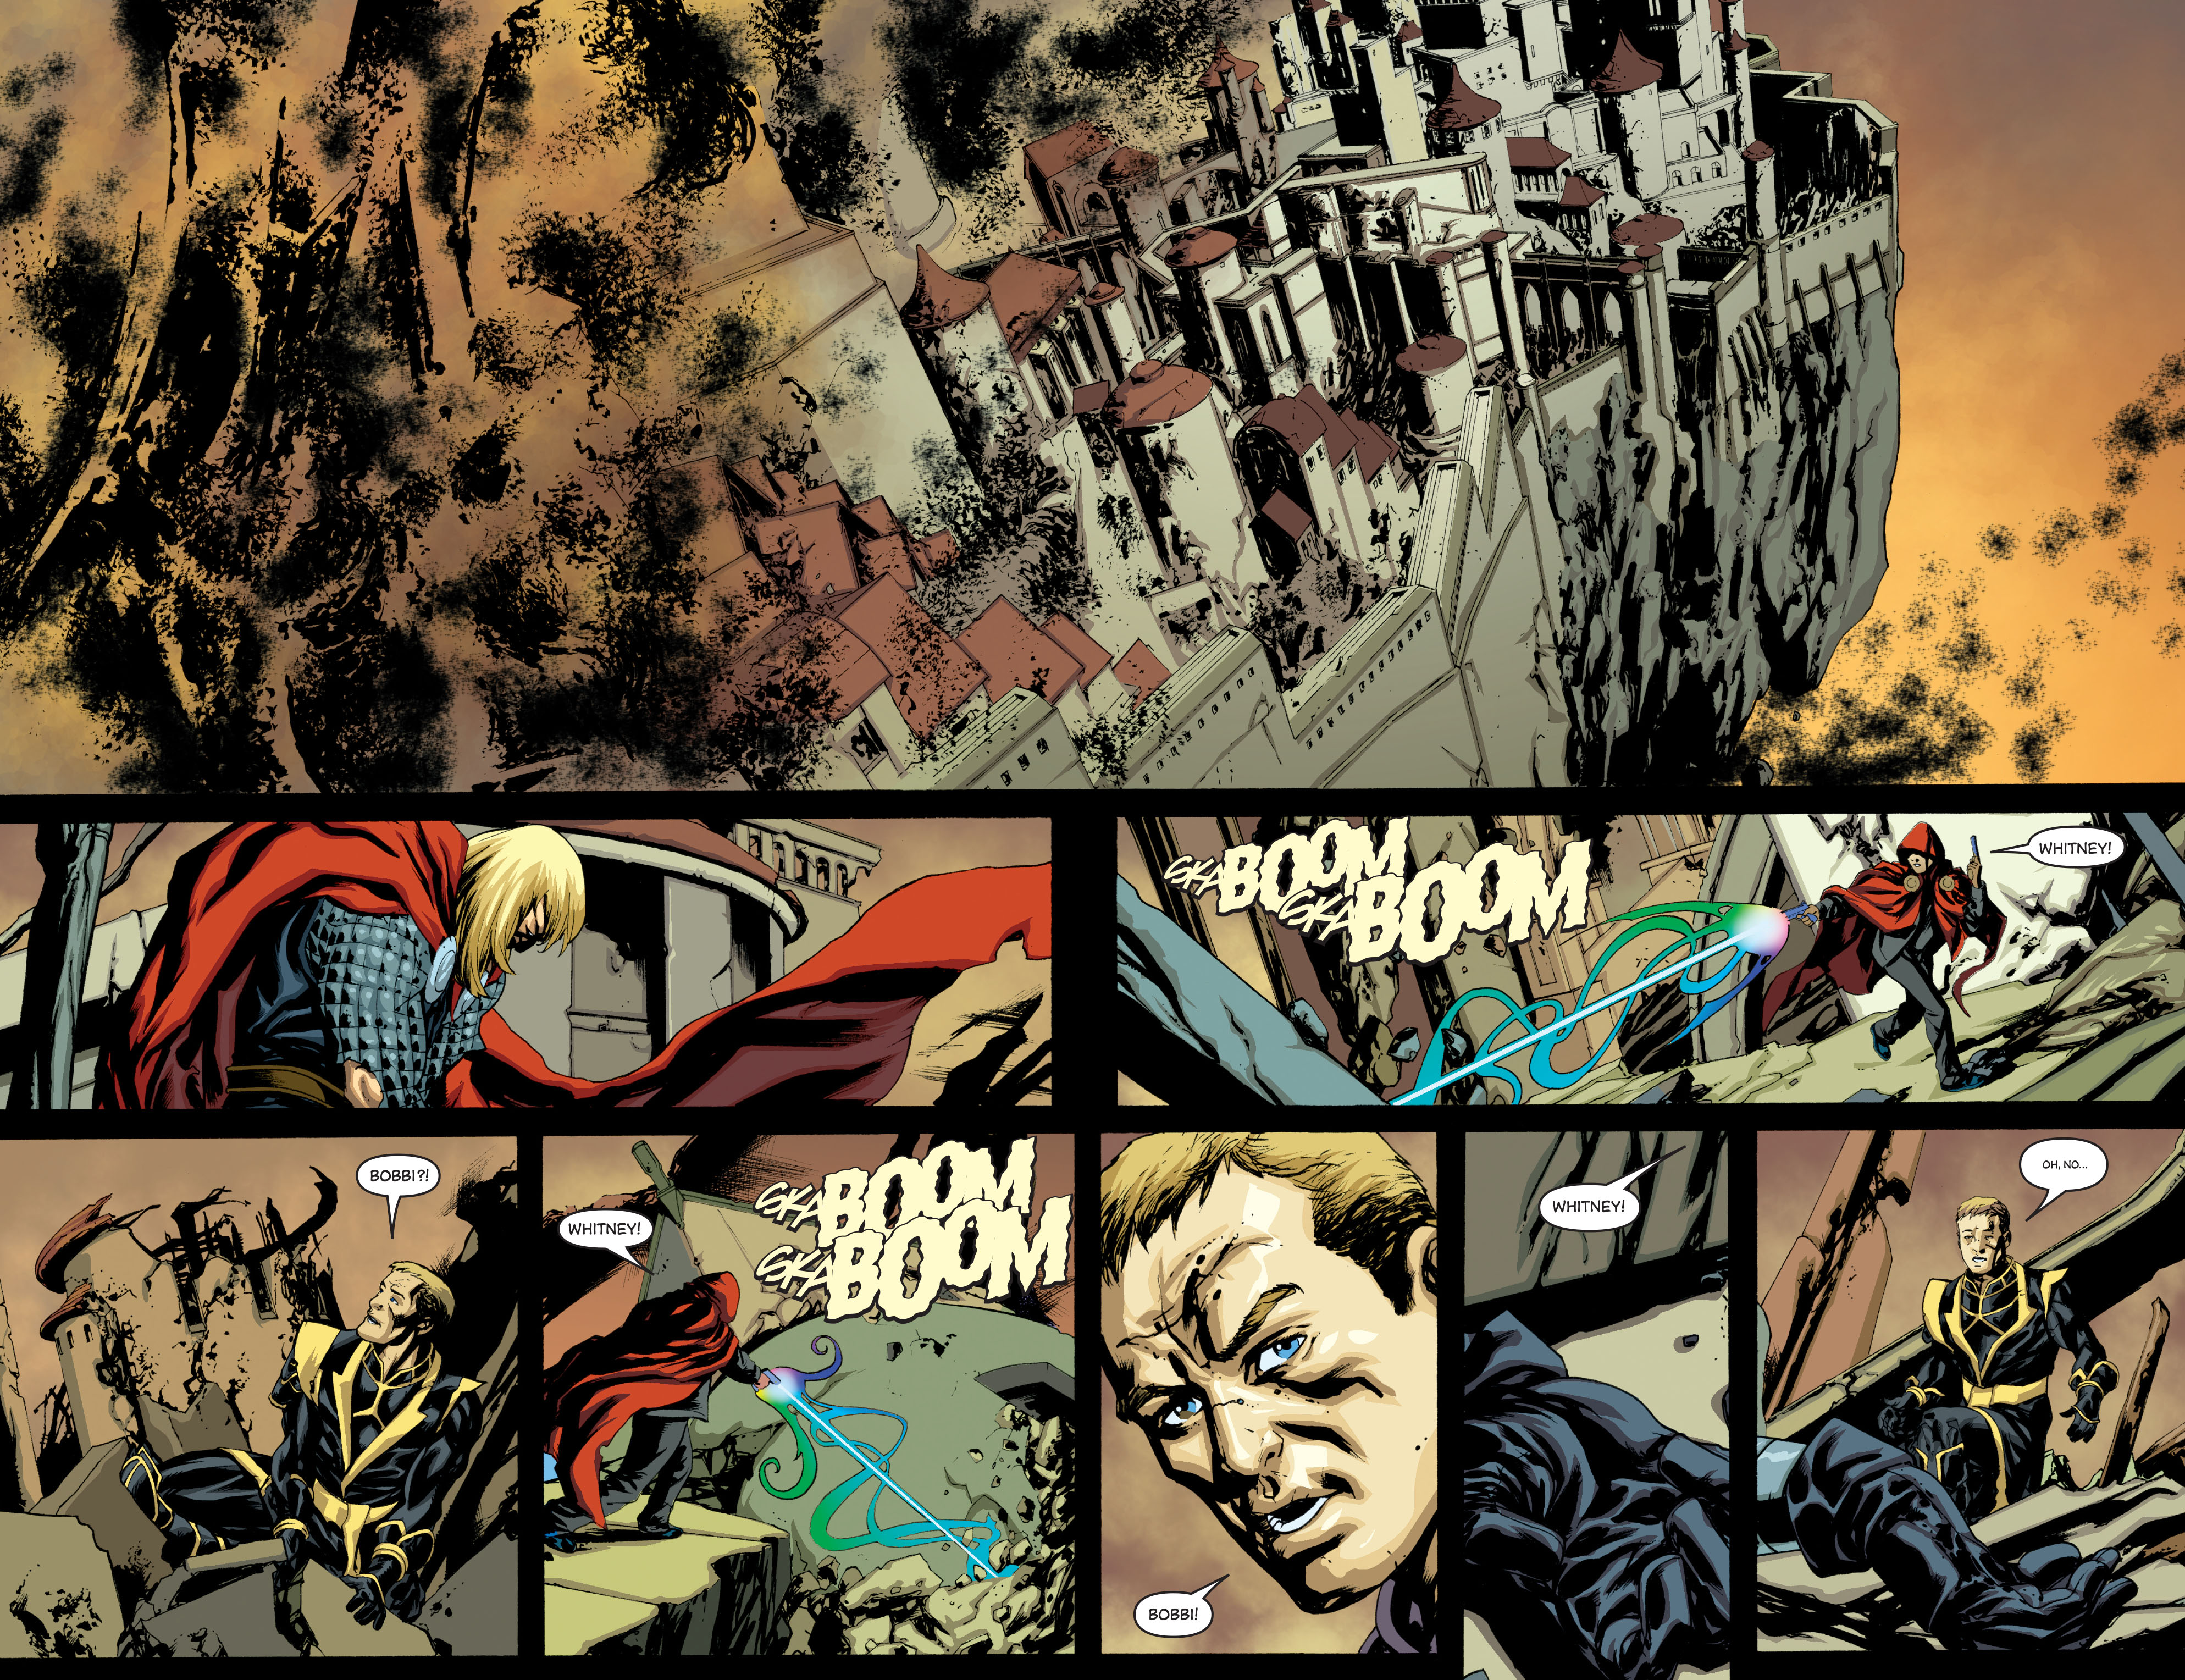 New Avengers (2005) chap 64 pic 13